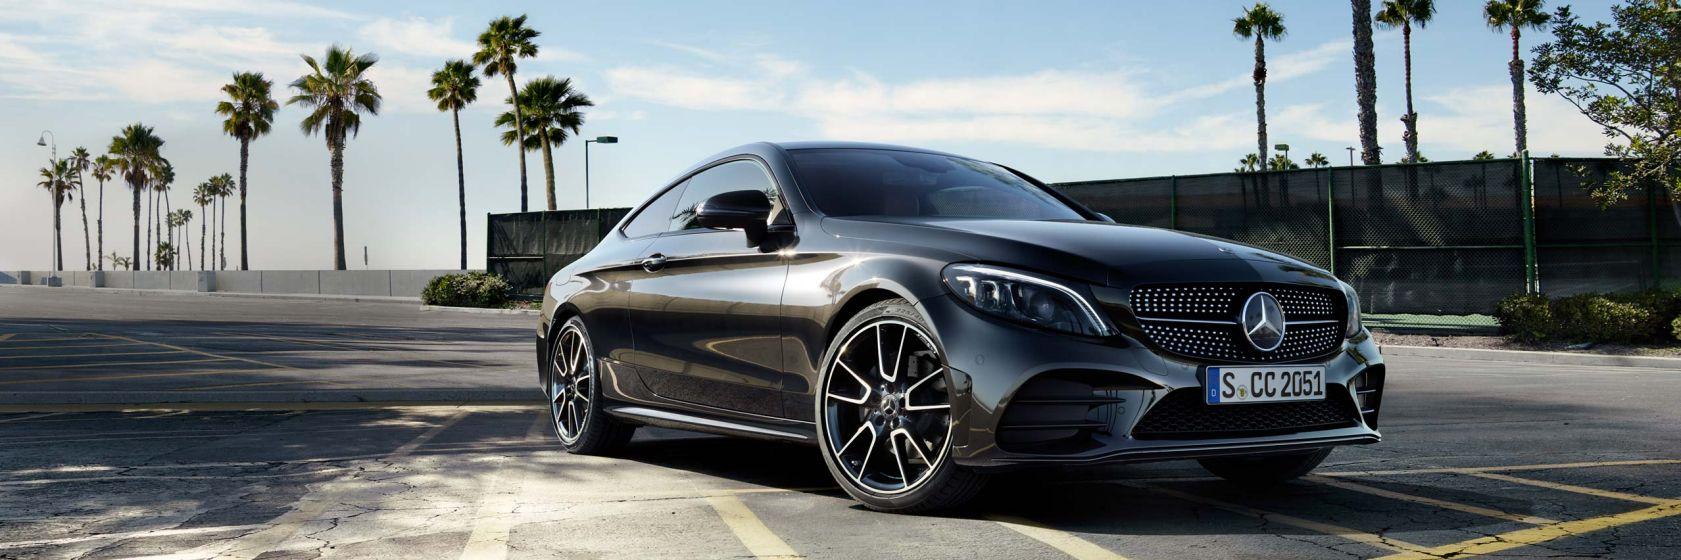 CAR-Avenue-Mercedes-Benz-Classe-C-Coupe-02